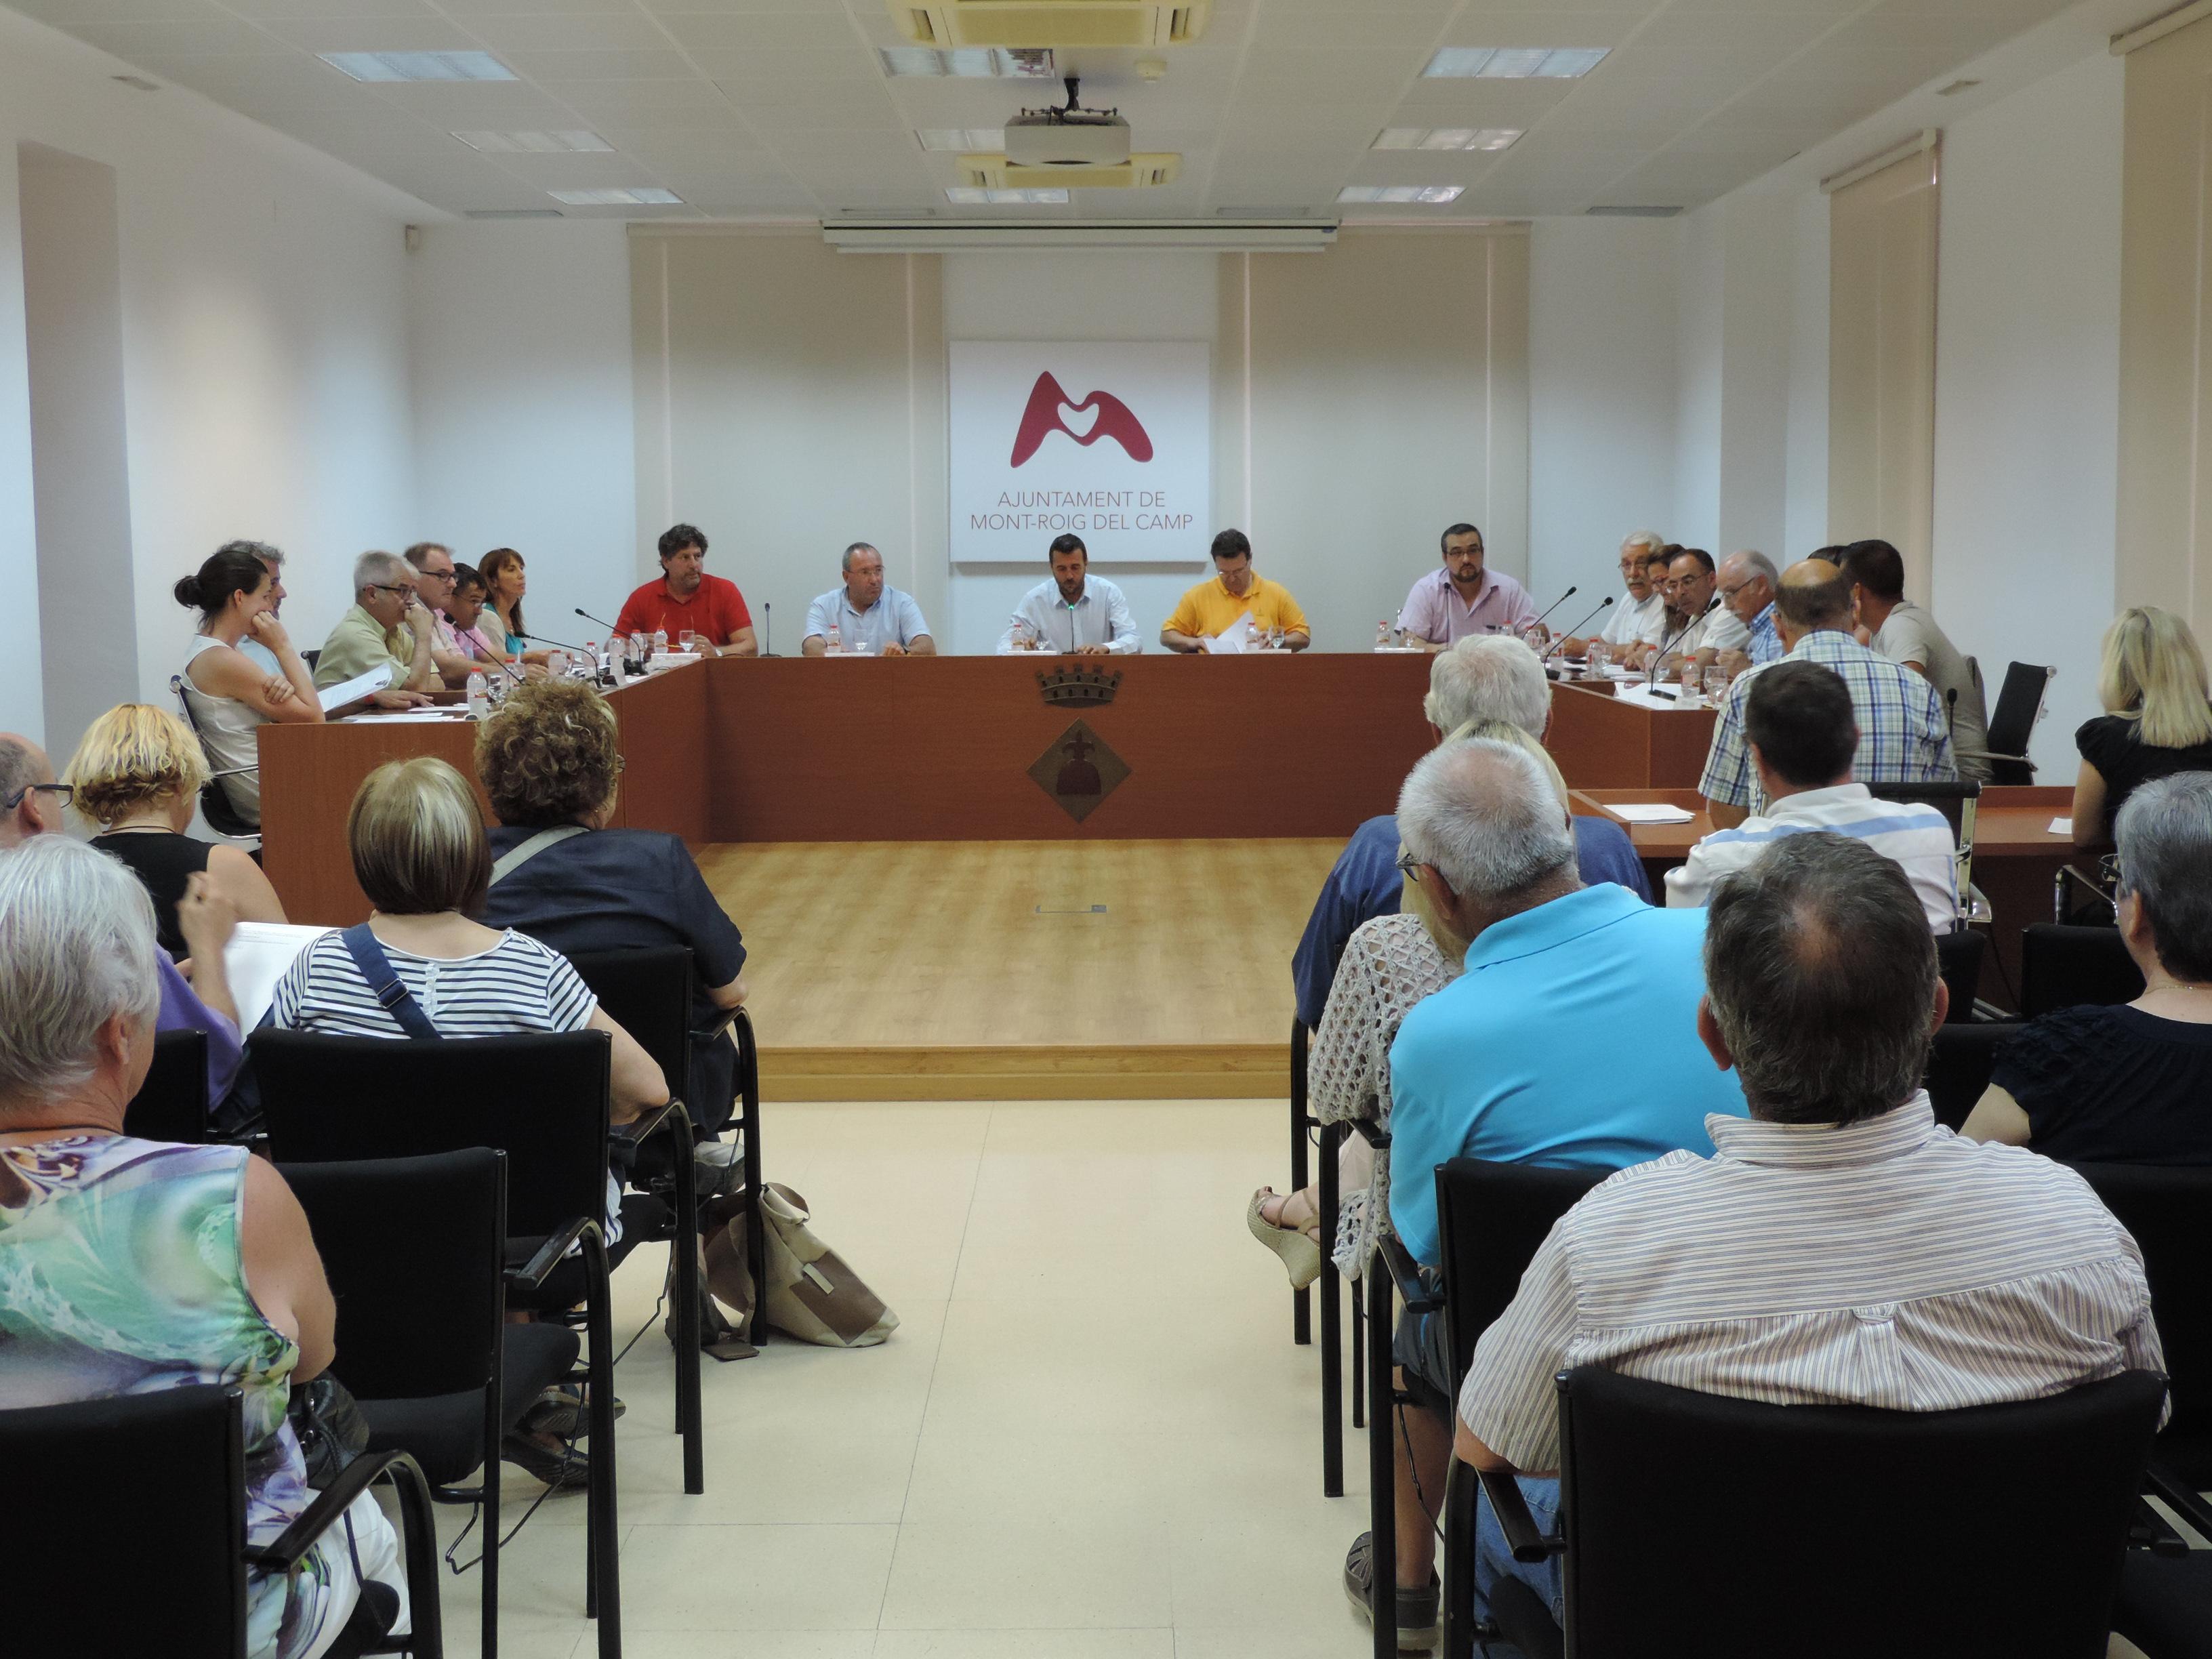 Ple d'organització Ajuntament de Mont-roig del Camp